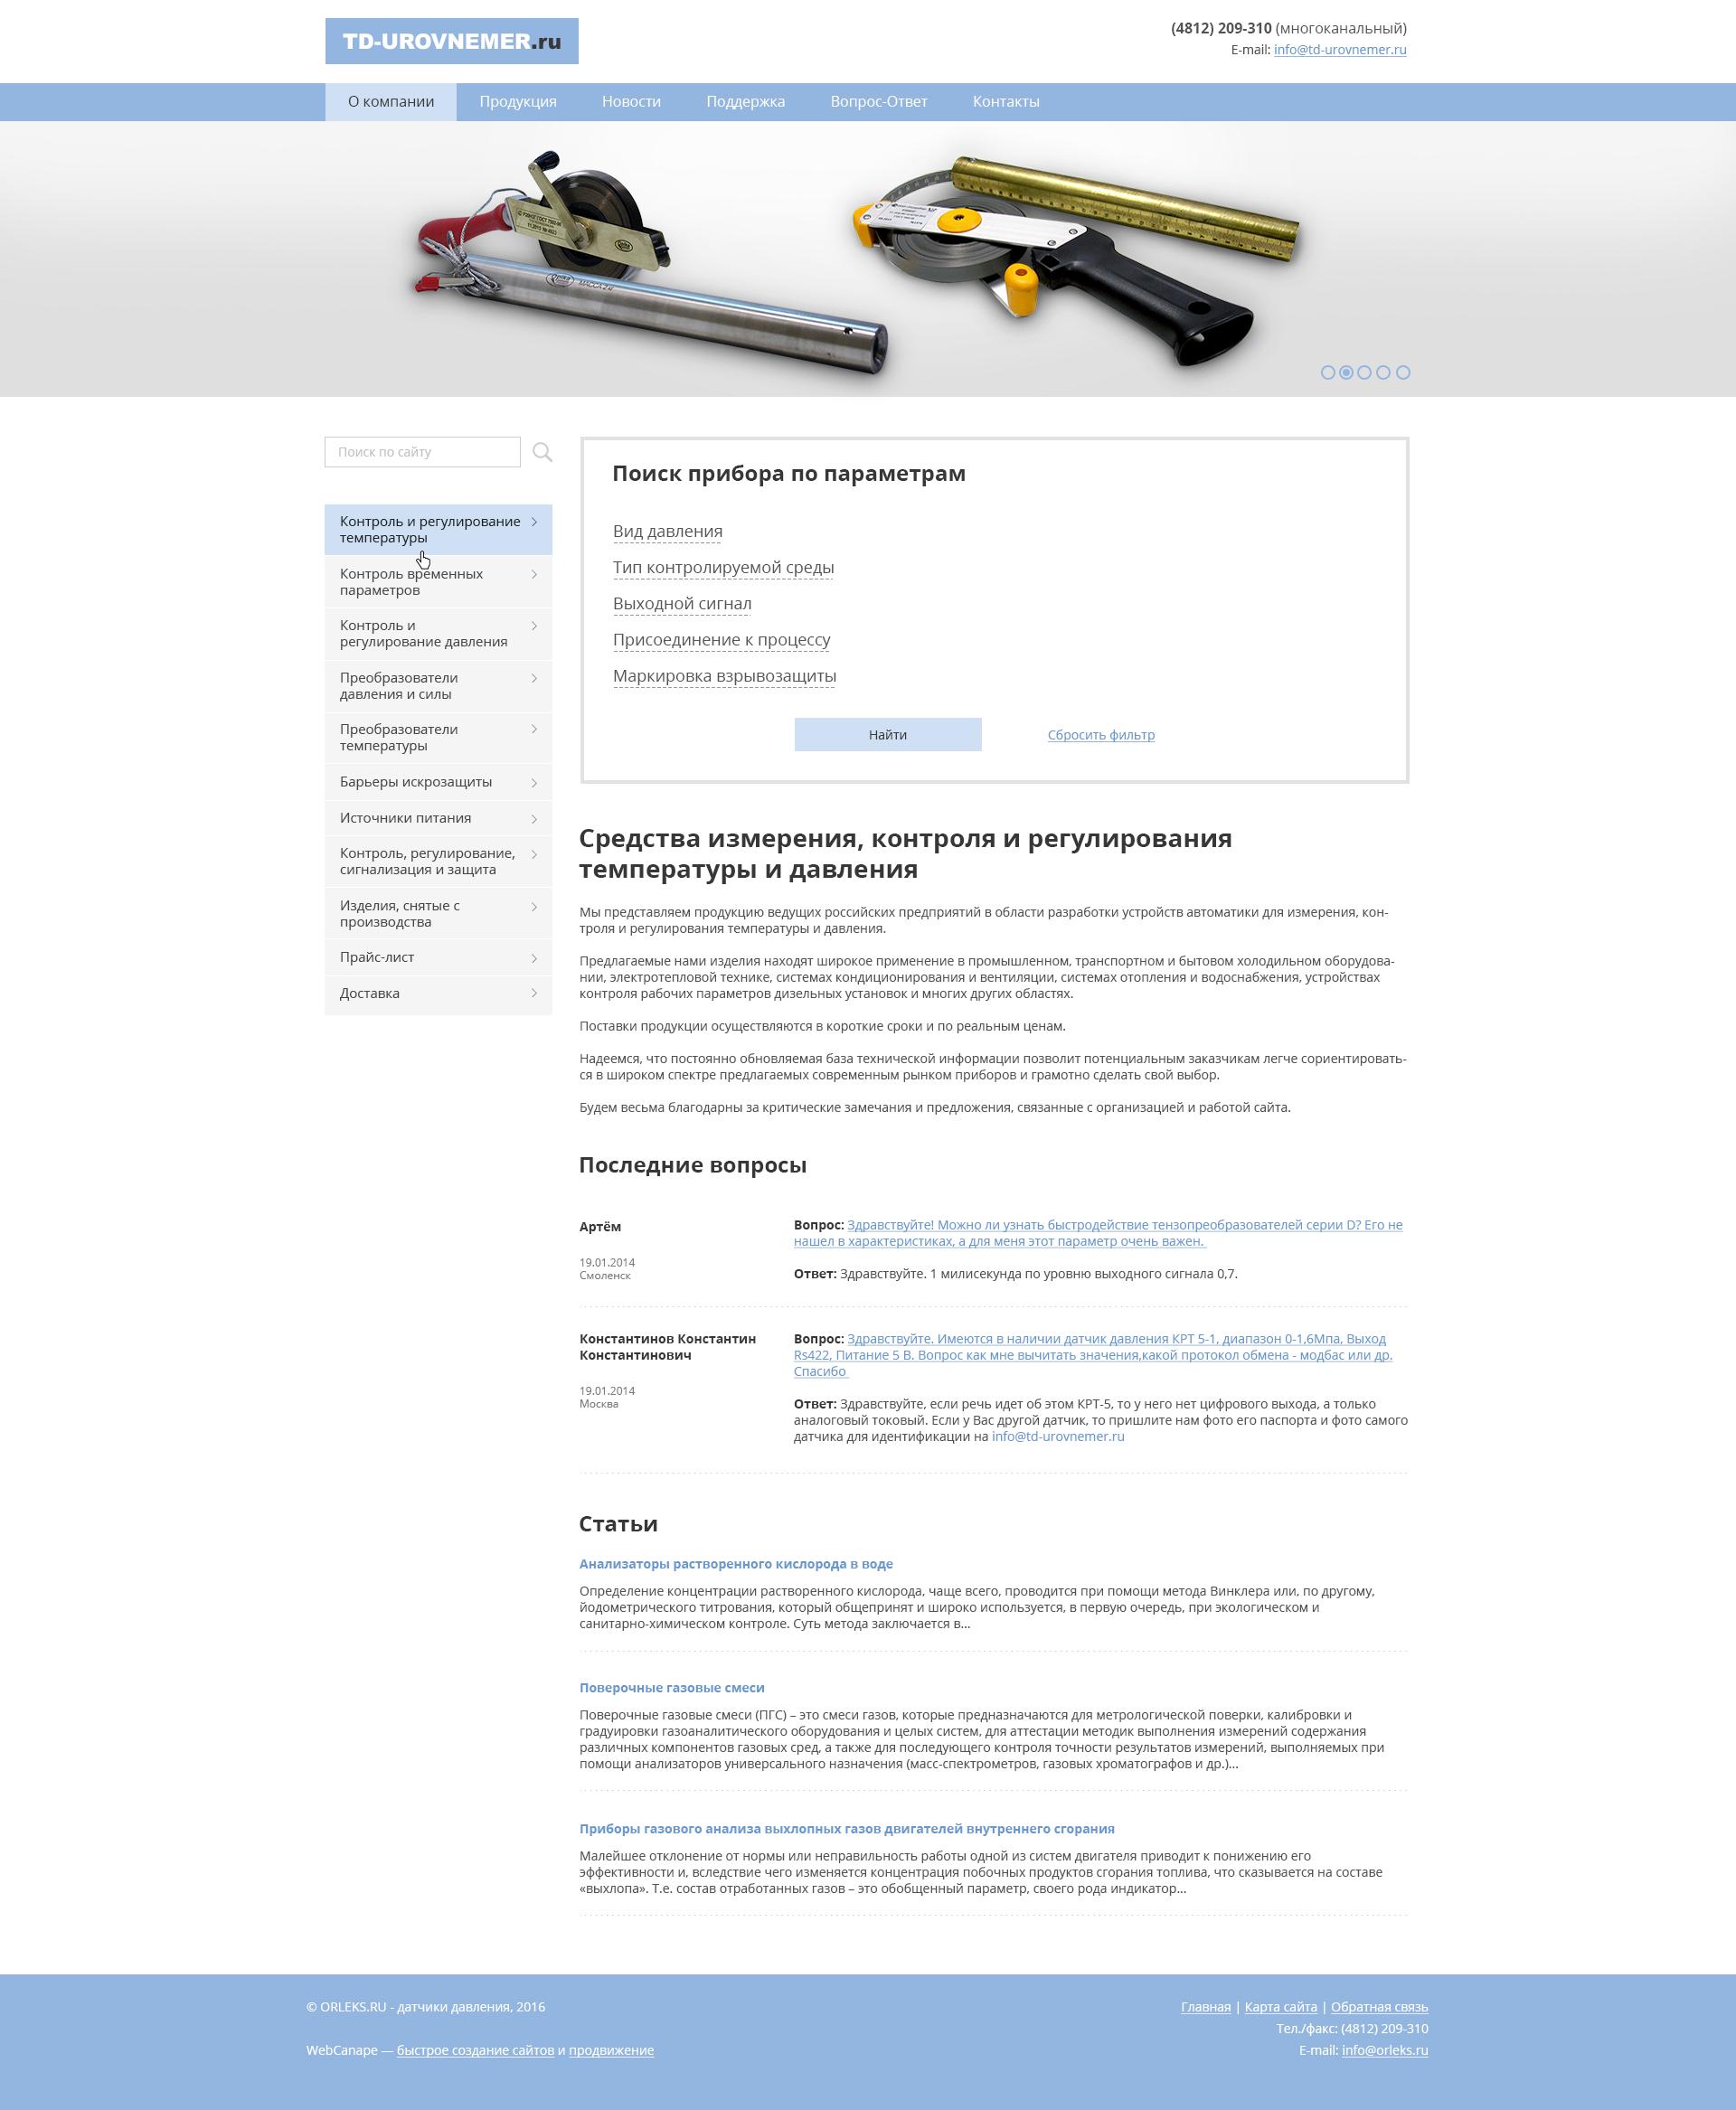 Разработка сайта для компании, производящей устройства для измерения уровня